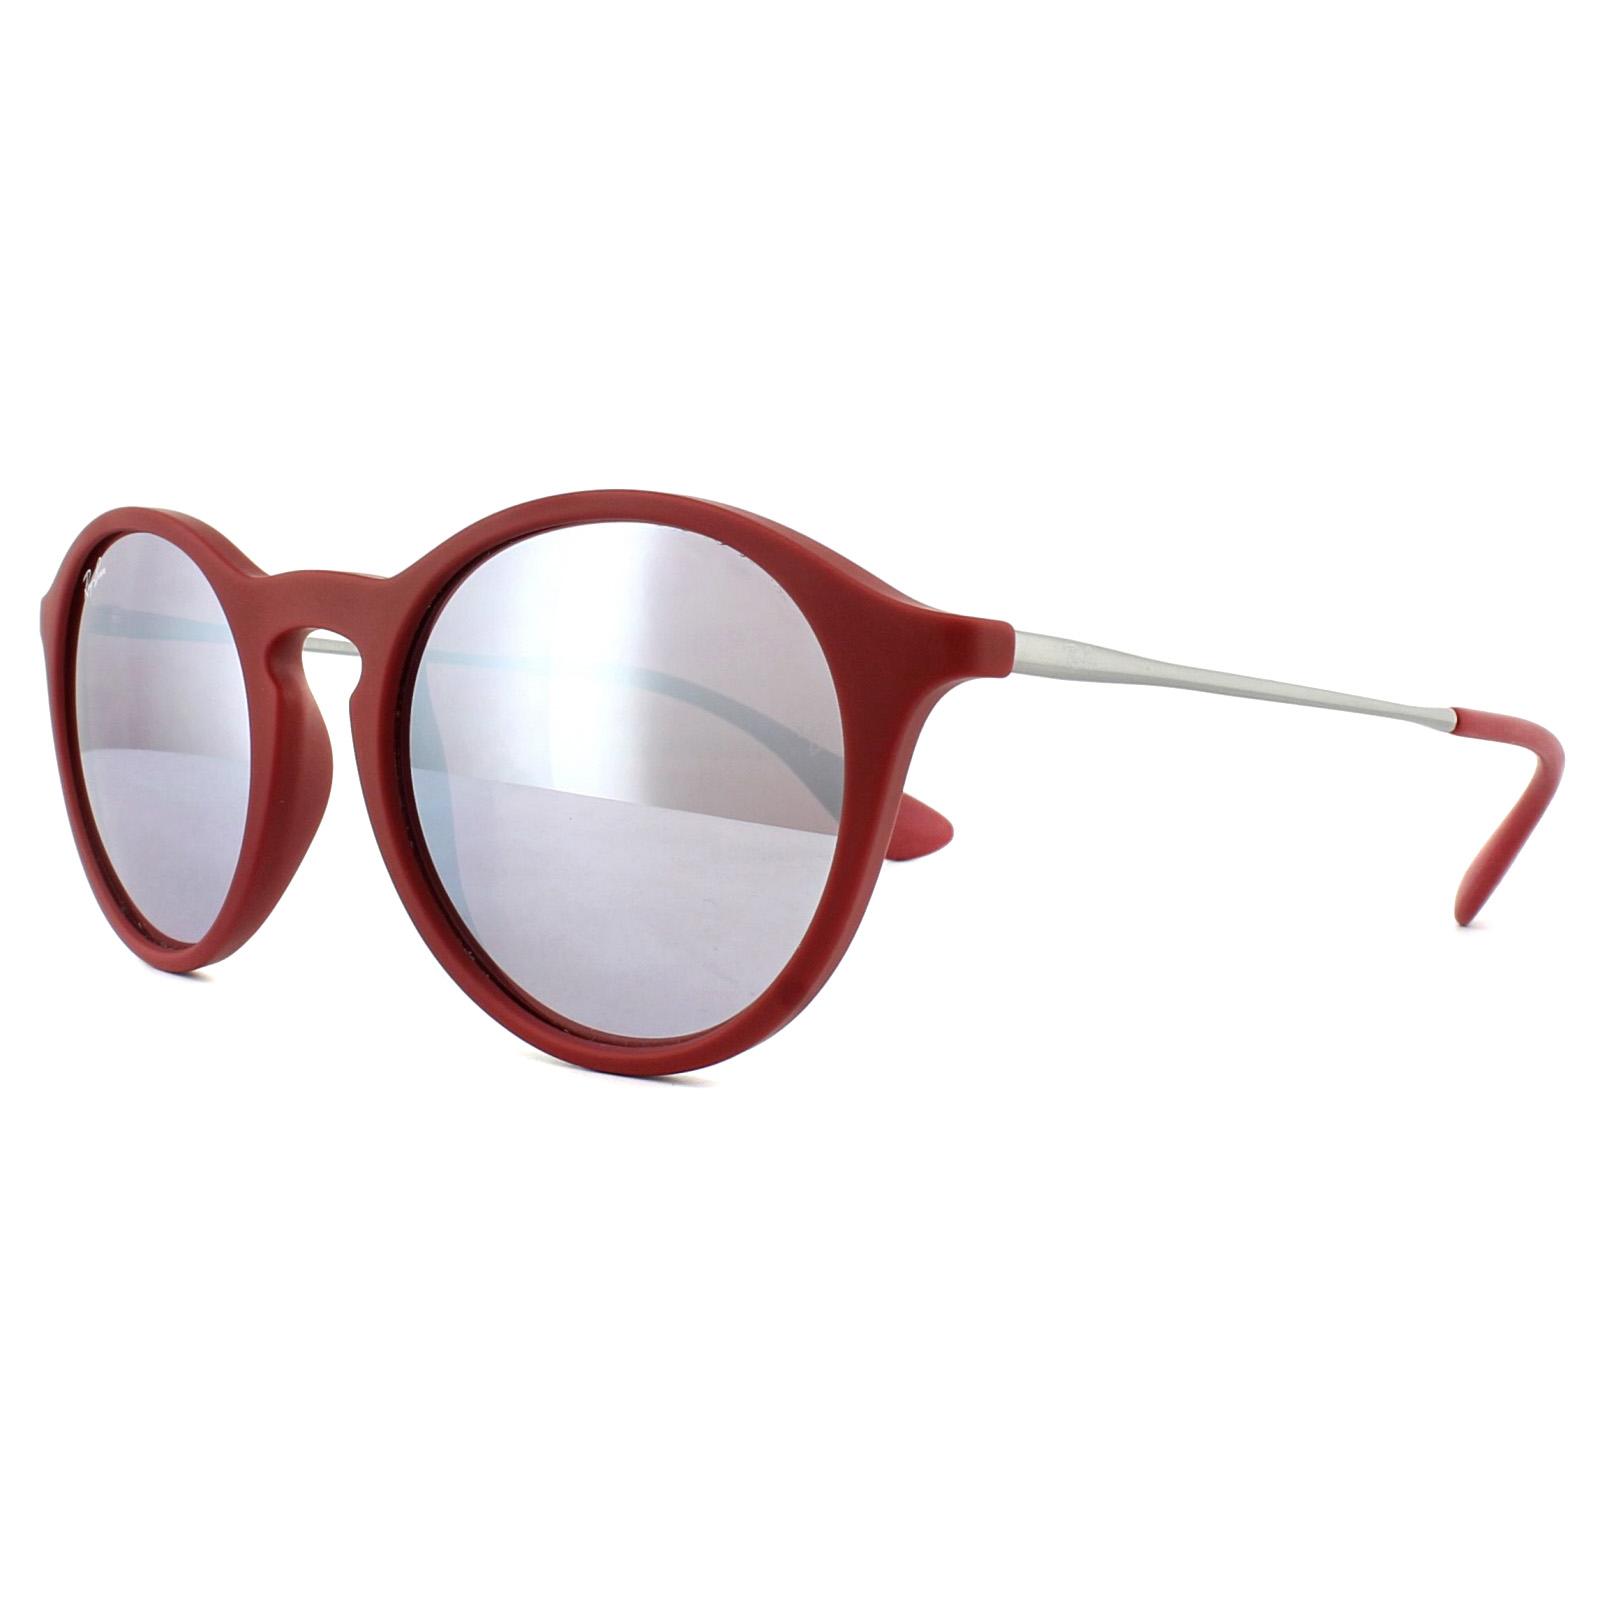 6dfca9785b012 SENTINEL Ray-Ban occhiali da sole 4243 6264B5 Bordeaux Gunmetal rosa  specchio d argento